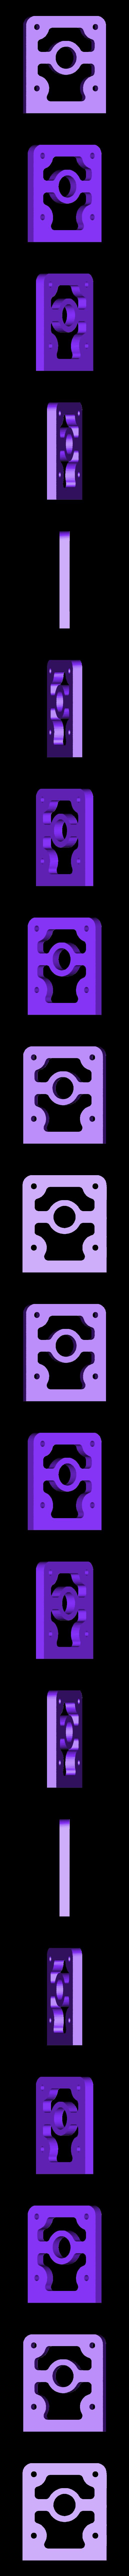 support_moteur_plateau.STL Télécharger fichier STL gratuit Extrudeuse à entraînement direct MK8 • Objet imprimable en 3D, Clenarone